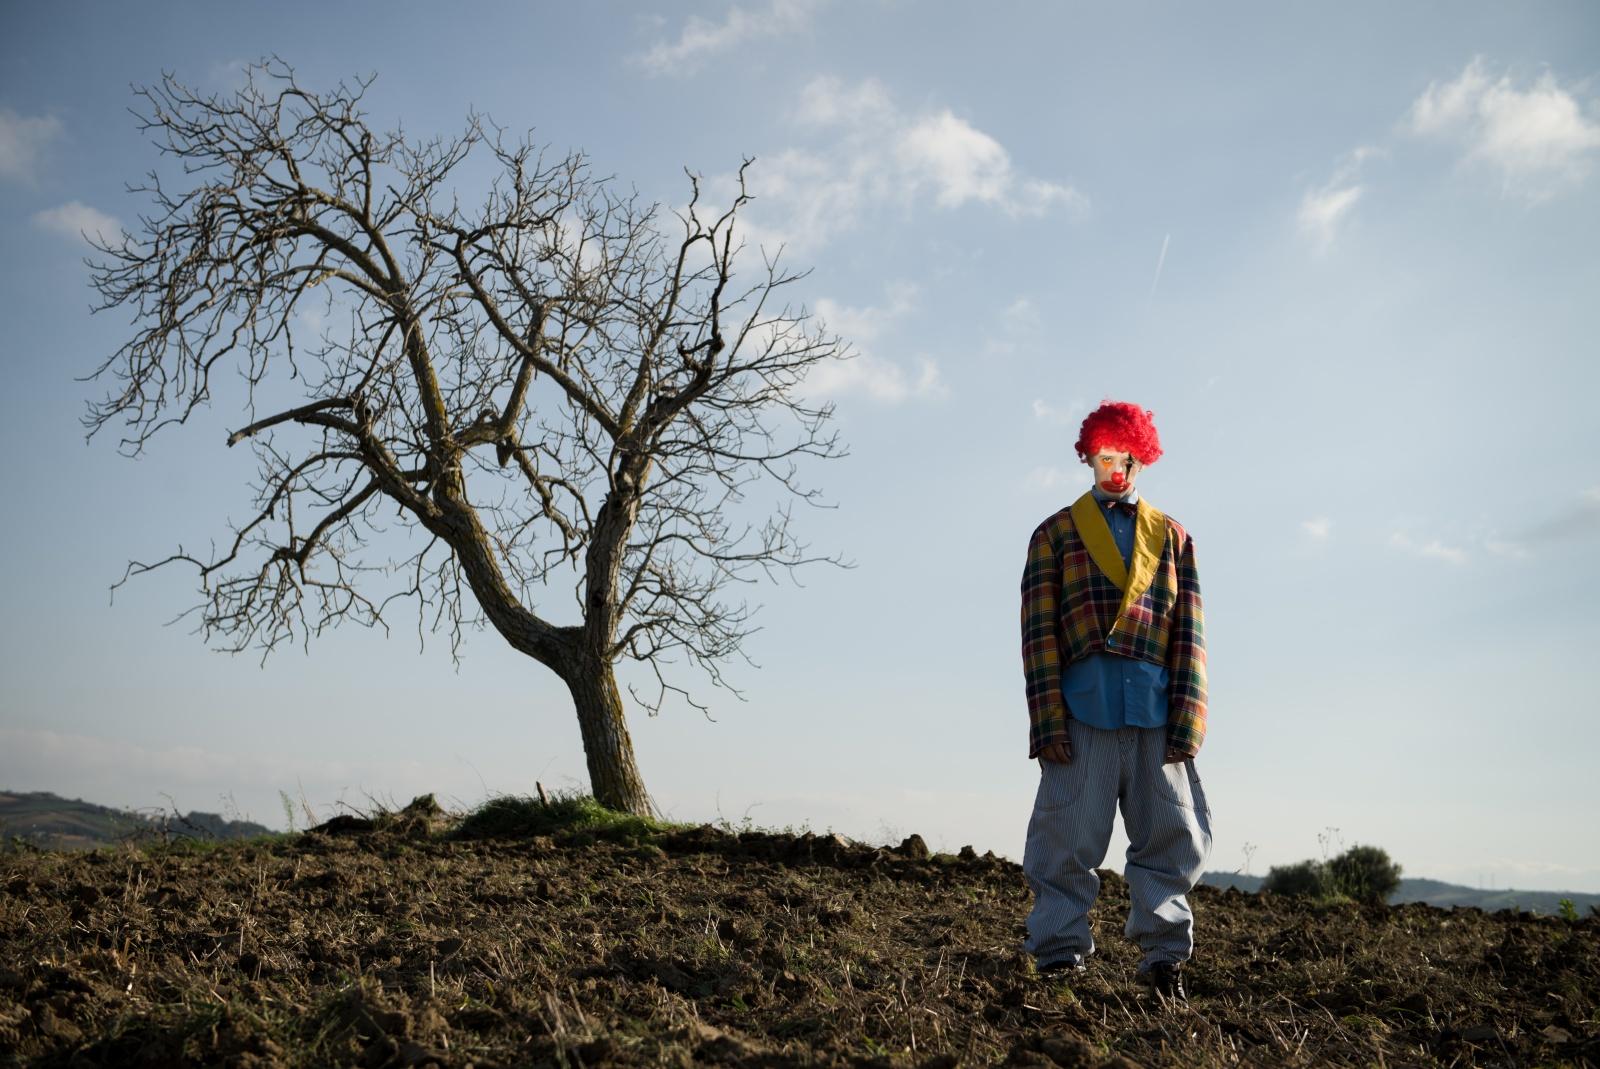 Ci sono persone che sono alberi e mettono radici ovunque, mai accontentarsi di essere foglie.  Michele Leone